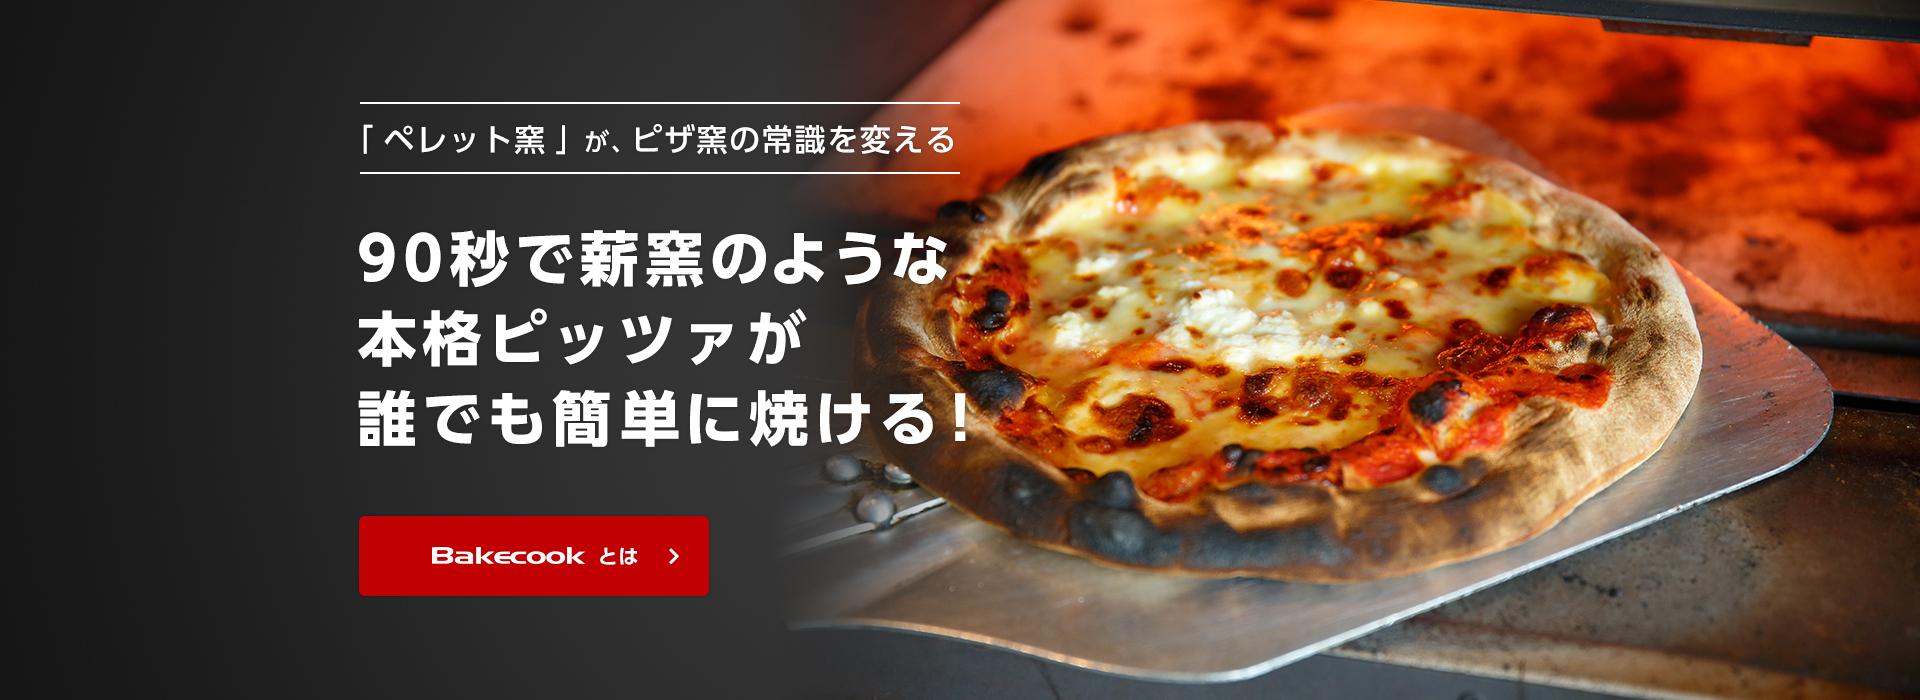 90秒で薪窯のような本格ピッツァが誰でも簡単に焼ける! -ペレットピザ窯のベイクック -